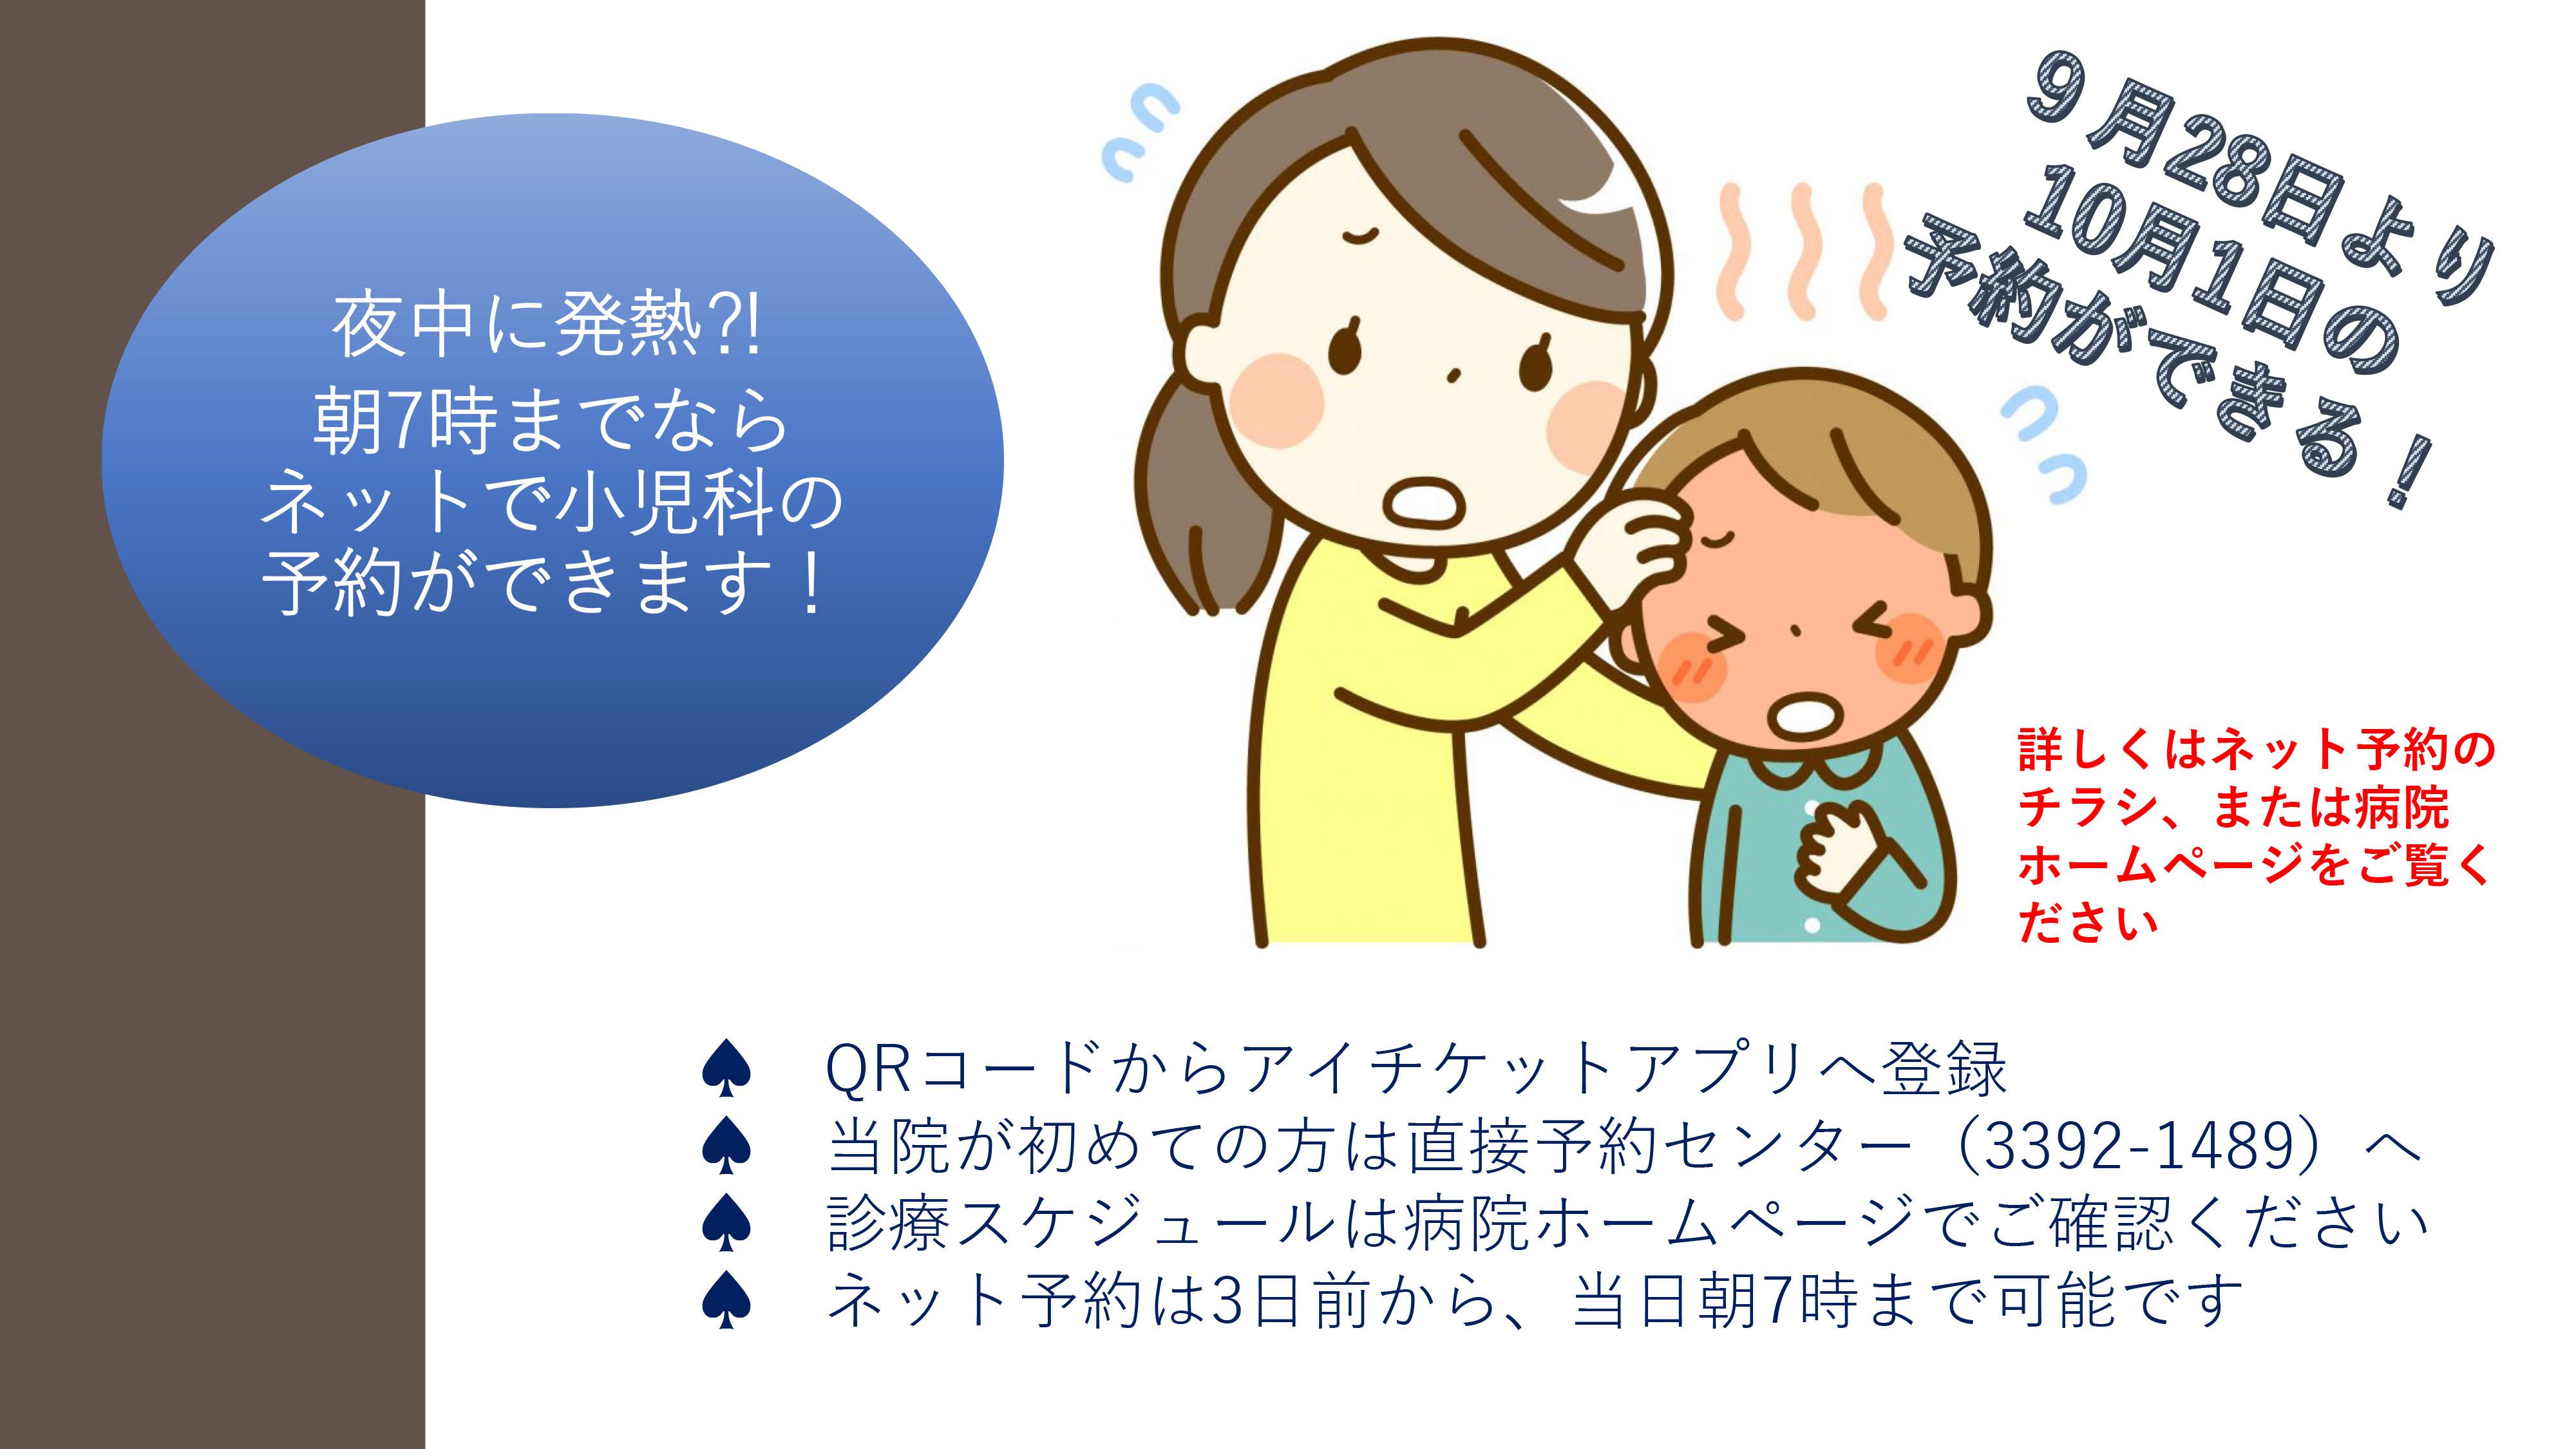 小児科ネット予約